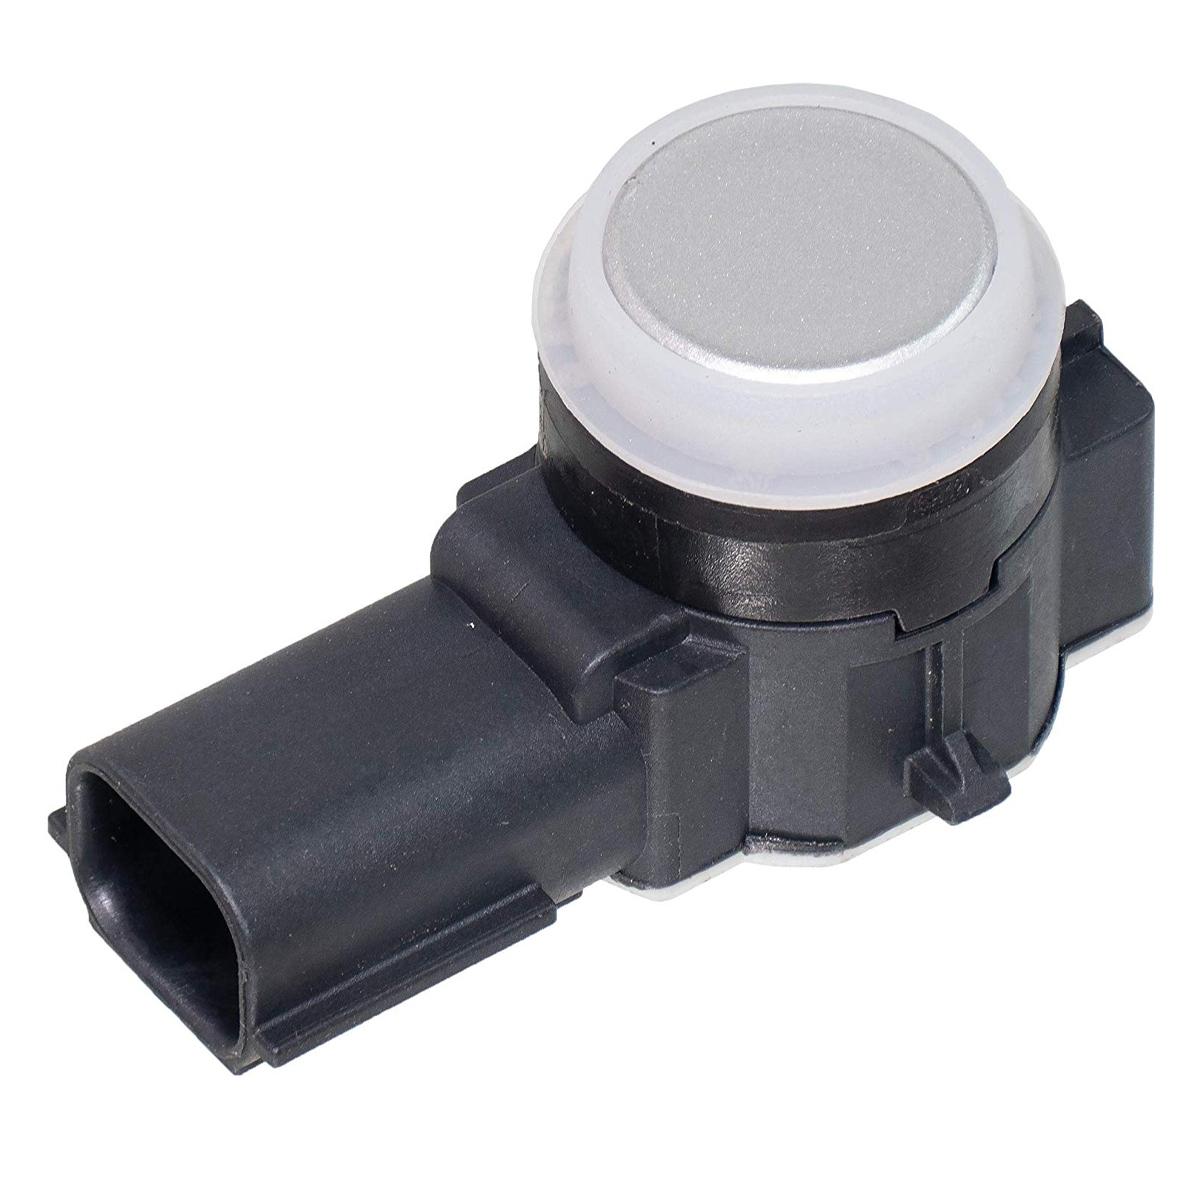 Park Assist Sensor